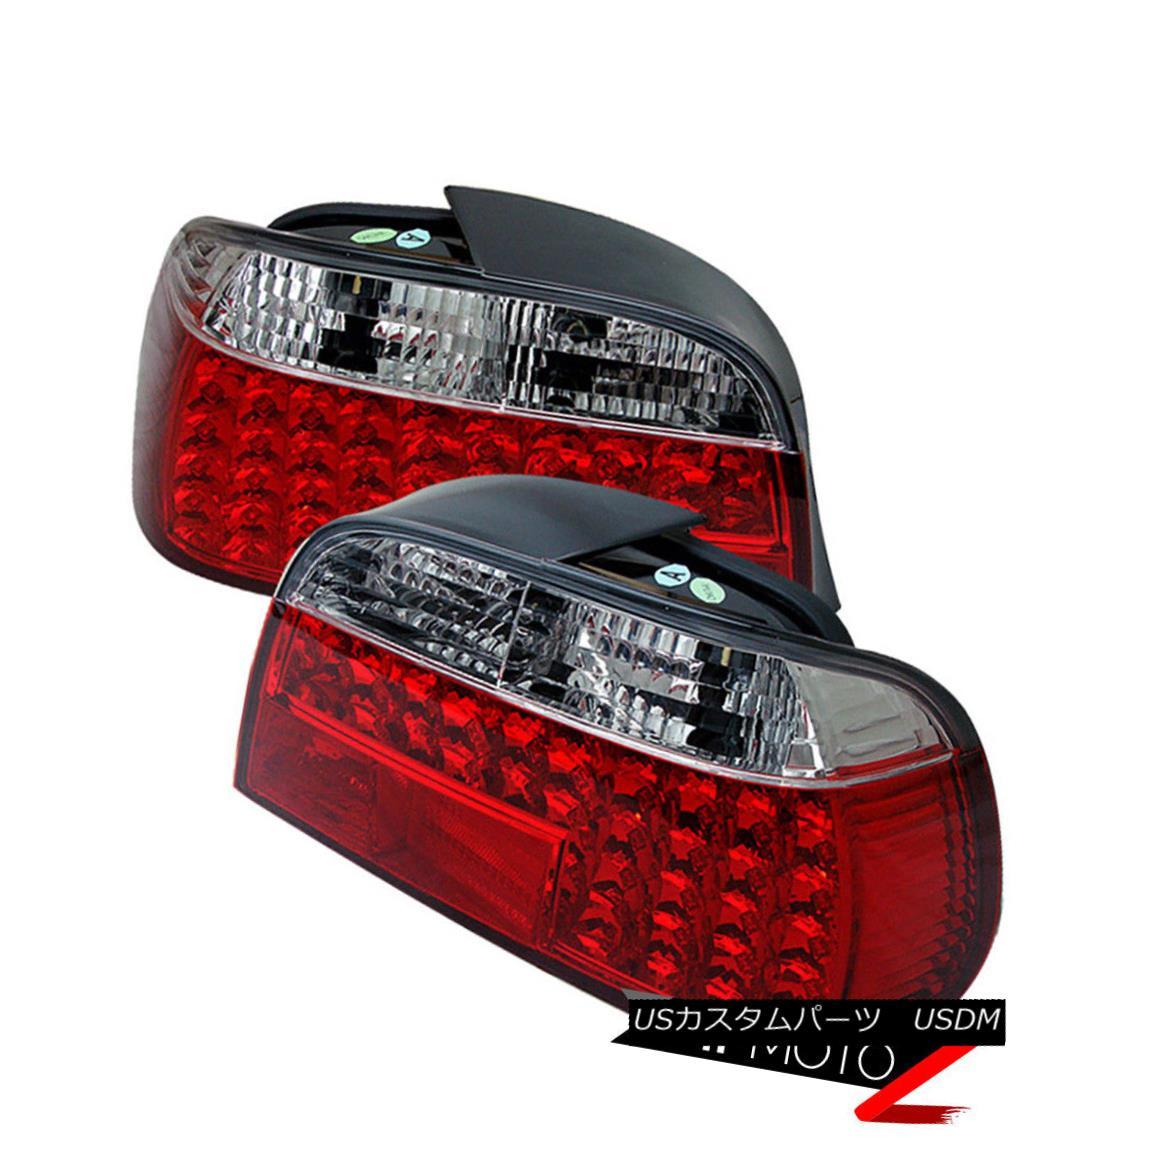 テールライト 95-01 BMW E38 7-Series Sedan Ultra LED Tail Light Lamp Rear Brake Pair LH RH Set 95-01 BMW E38 7シリーズセダンウルトラLEDテールライトランプリアブレーキペアLH RHセット